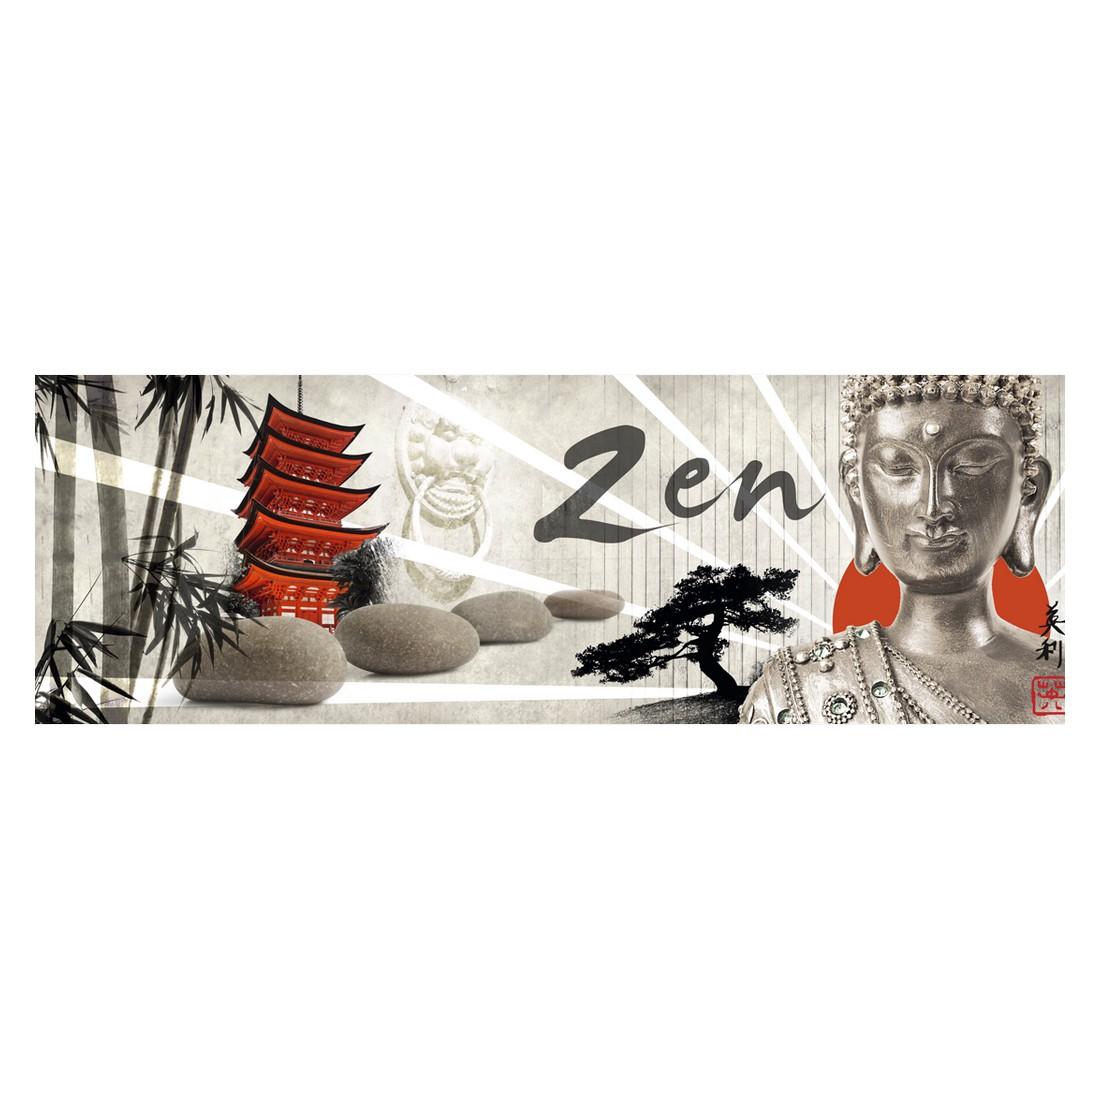 Deco Block Zen, Reinders günstig bestellen